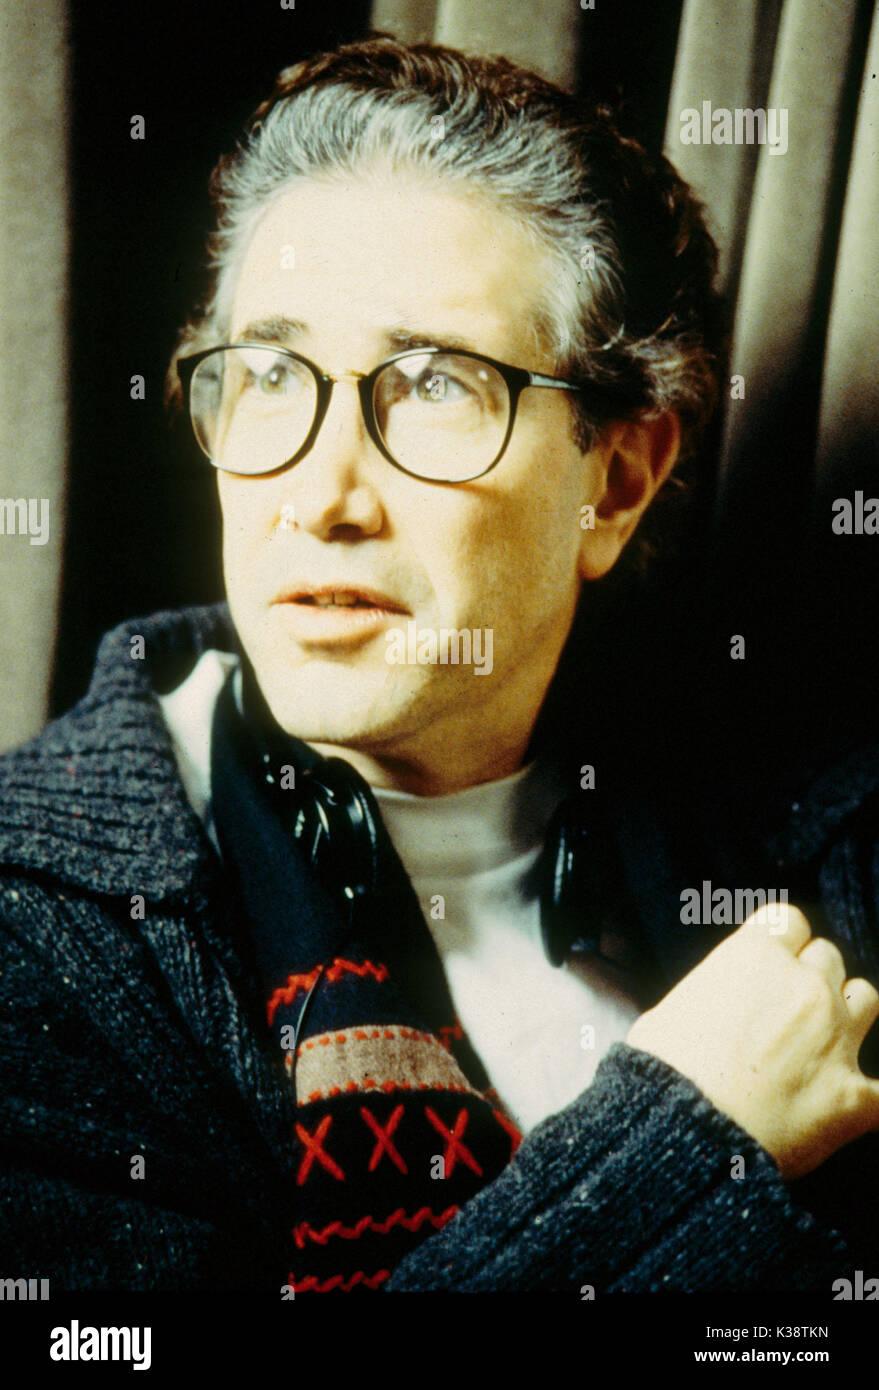 SAFE PASSAGE Director ROBERT ALLEN ACKERMAN     Date: 1994 - Stock Image